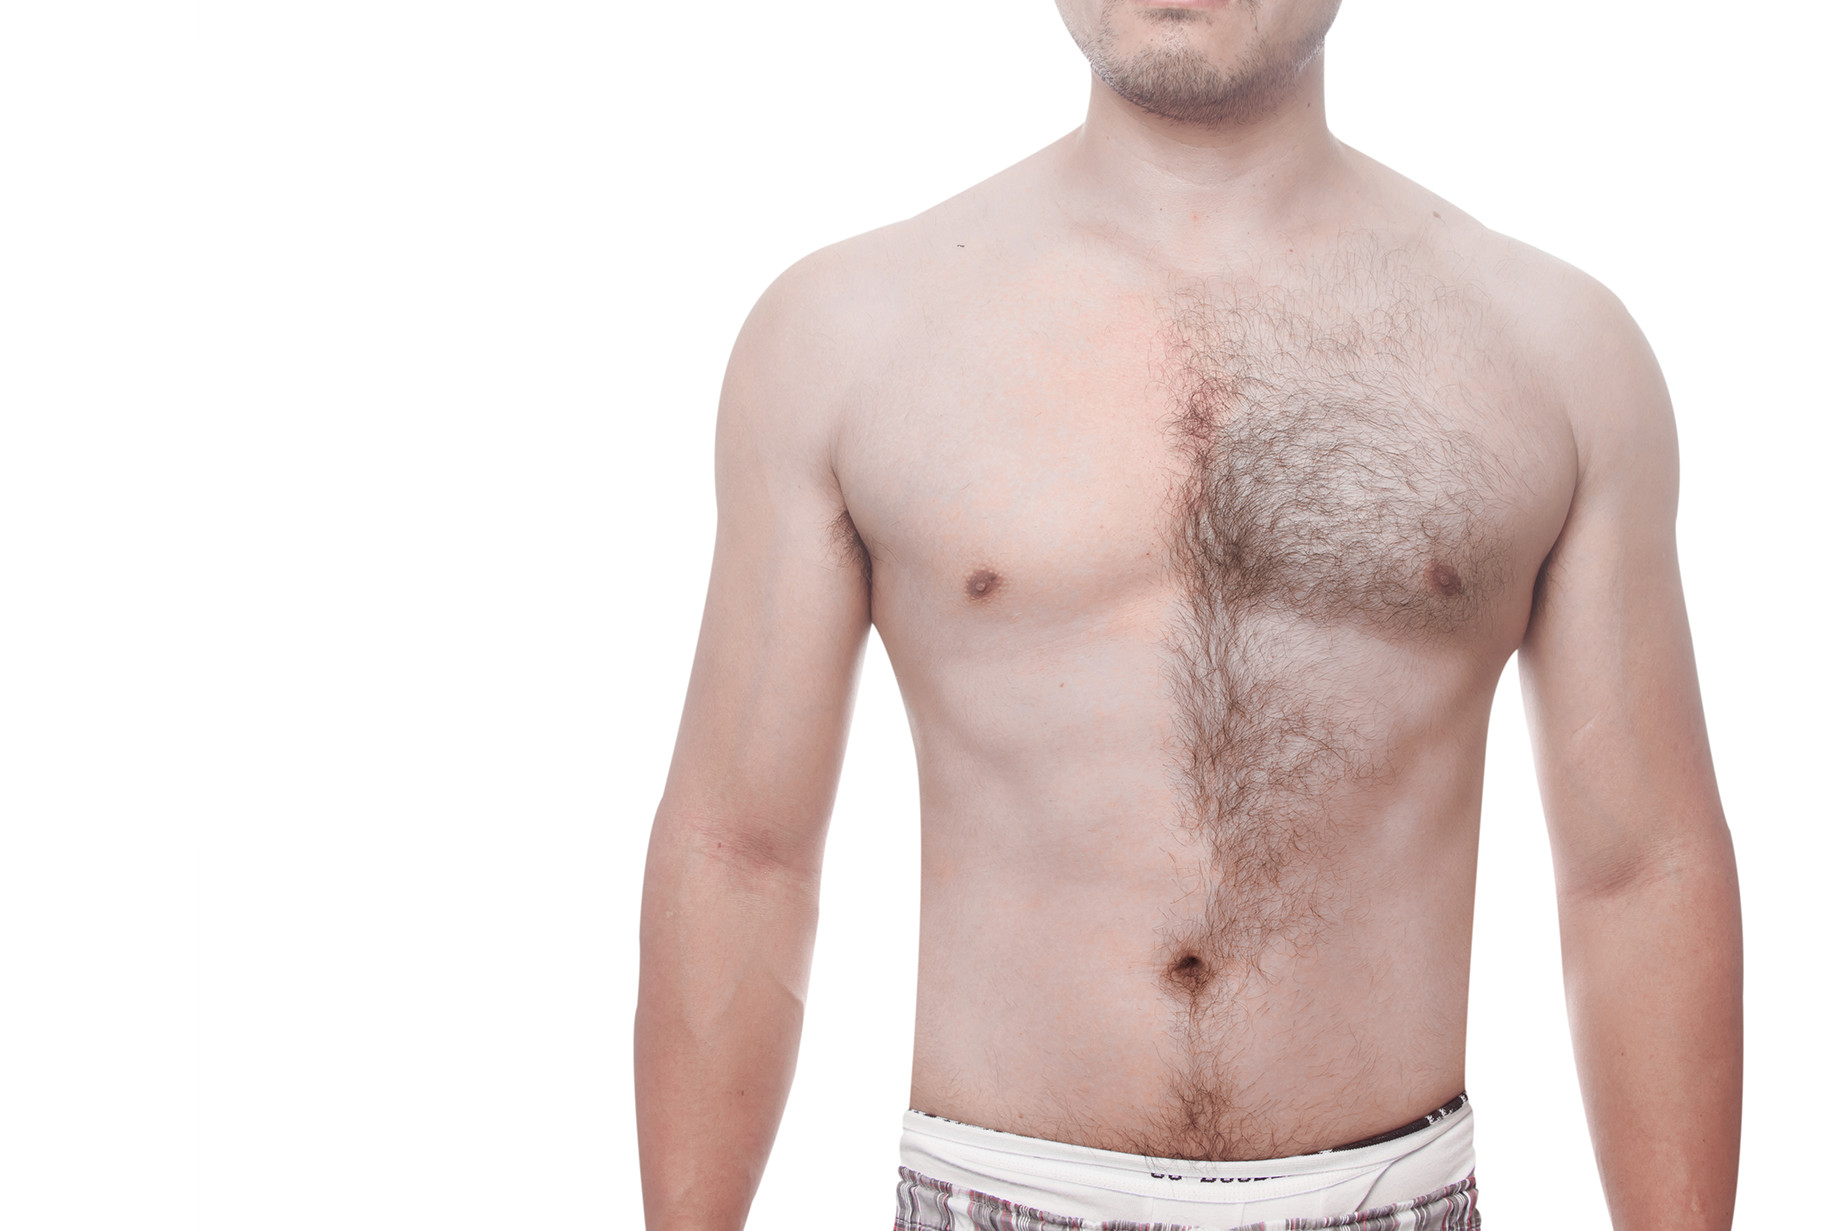 erkekler için lazer epilasyon, erkeklerde lazer epilasyon uygulaması, erkekler için epilasyon